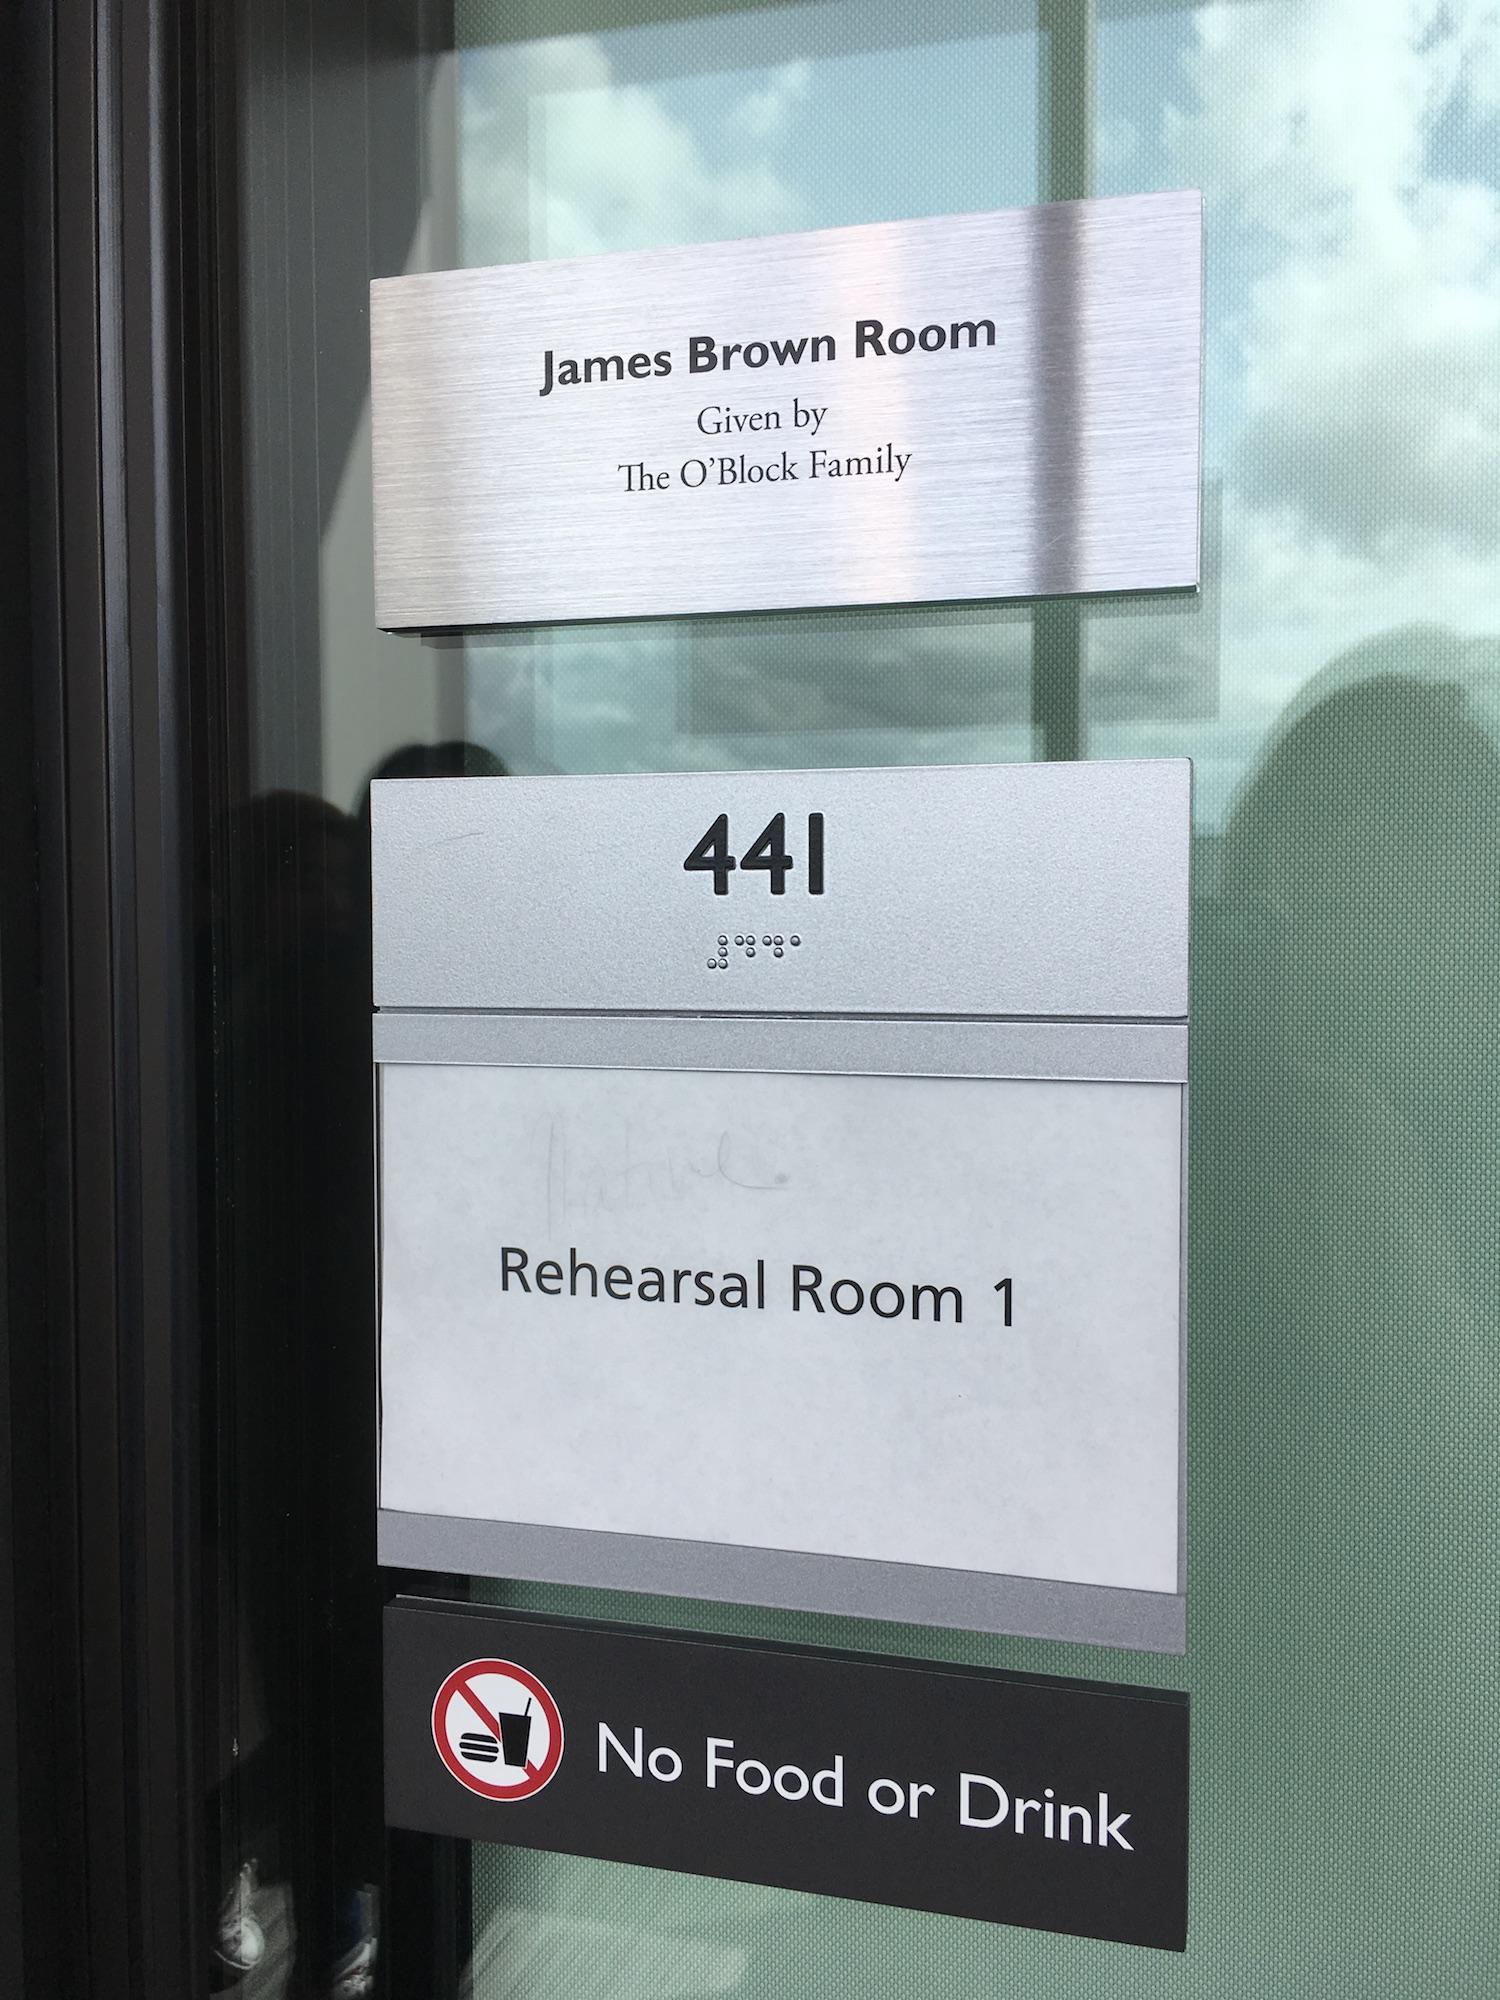 berklee-james-brown-rehearsal.jpg